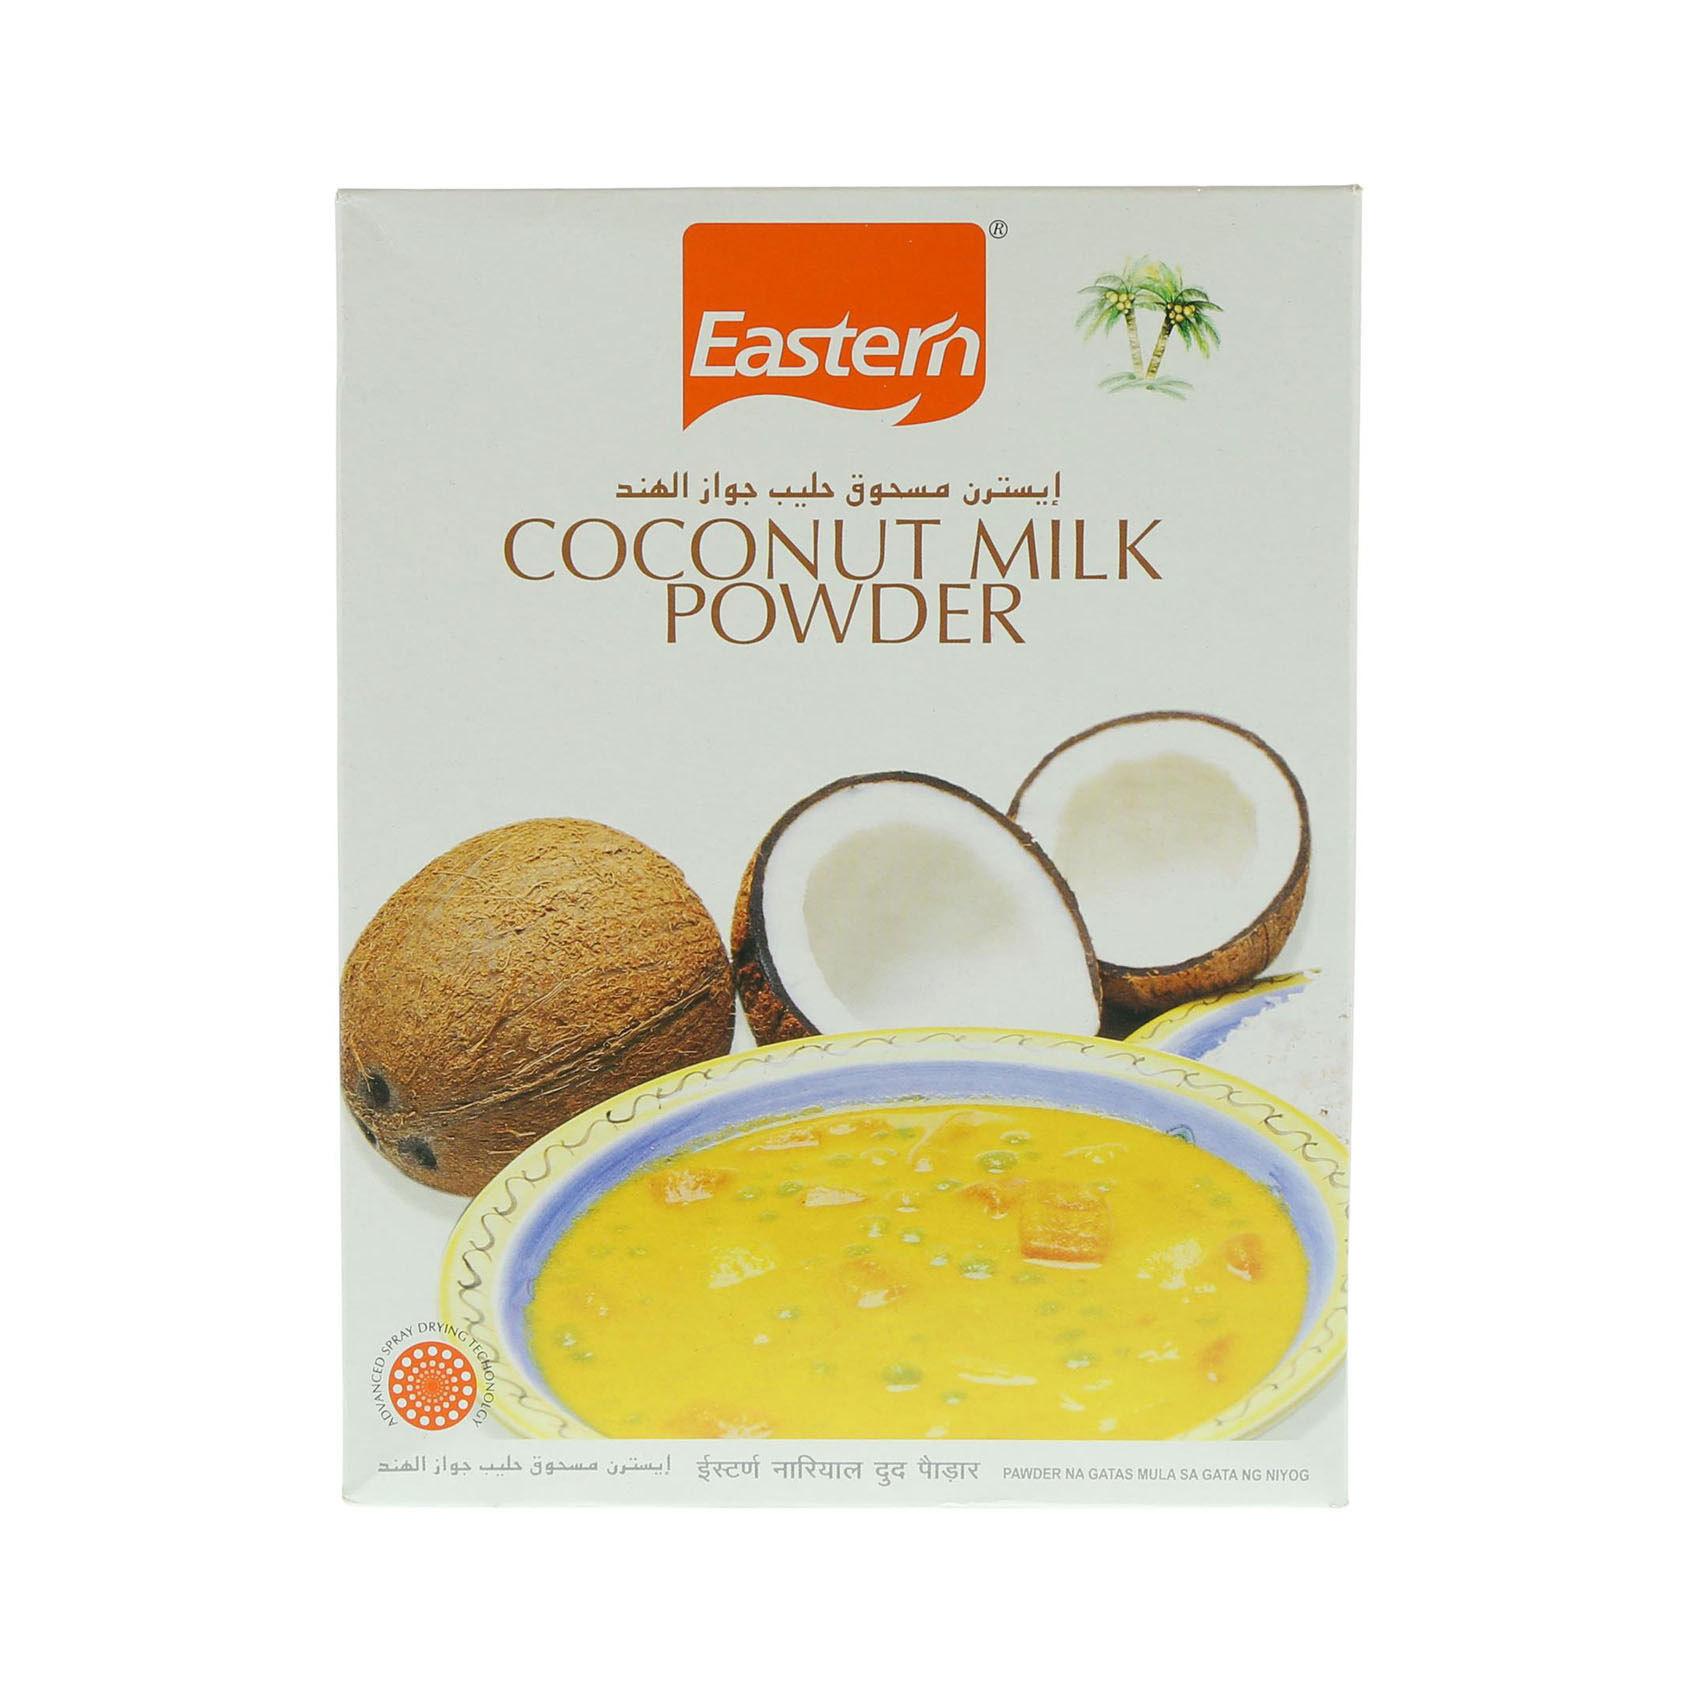 EASTERN COCONUT MILK POWDER 300GR